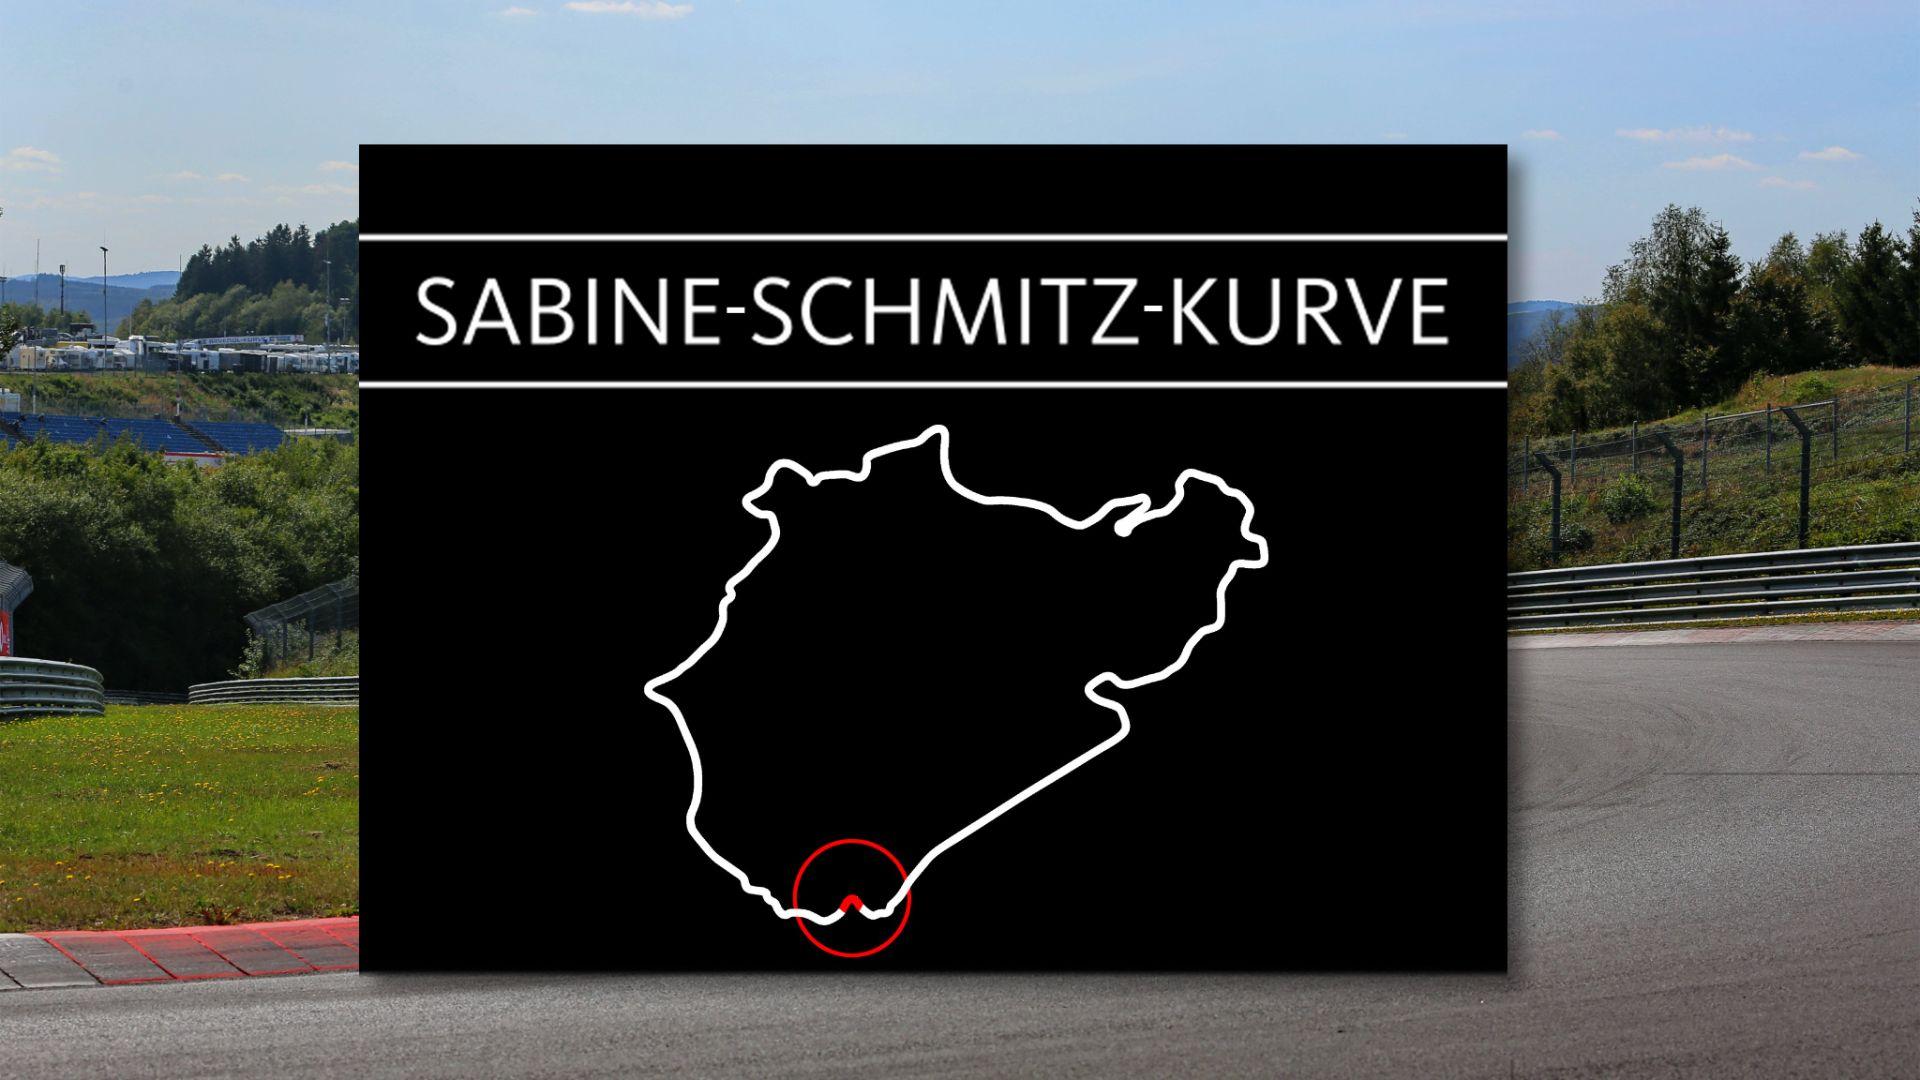 curva sabine schmitz nurburgring